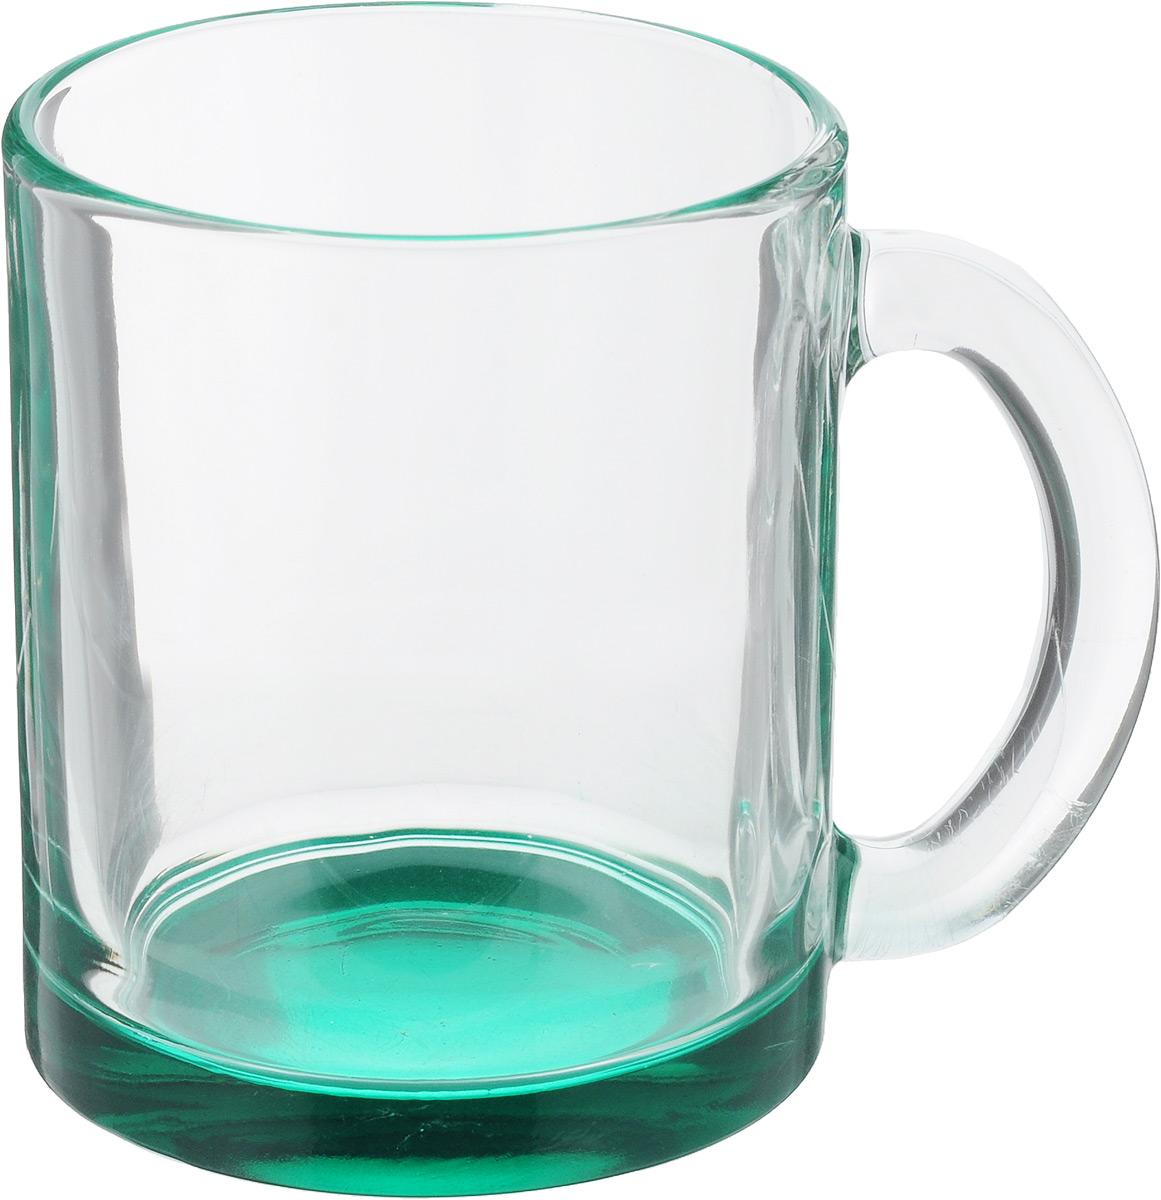 Кружка OSZ Чайная, цвет: прозрачный, бирюзовый, 320 мл115510Кружка OSZ Чайная изготовлена из стекла двух цветов. Изделие идеально подходит для сервировки стола.Кружка не только украсит ваш кухонный стол, но и подчеркнет прекрасный вкус хозяйки. Диаметр кружки (по верхнему краю): 8 см. Высота кружки: 9,5 см. Объем кружки: 320 мл.